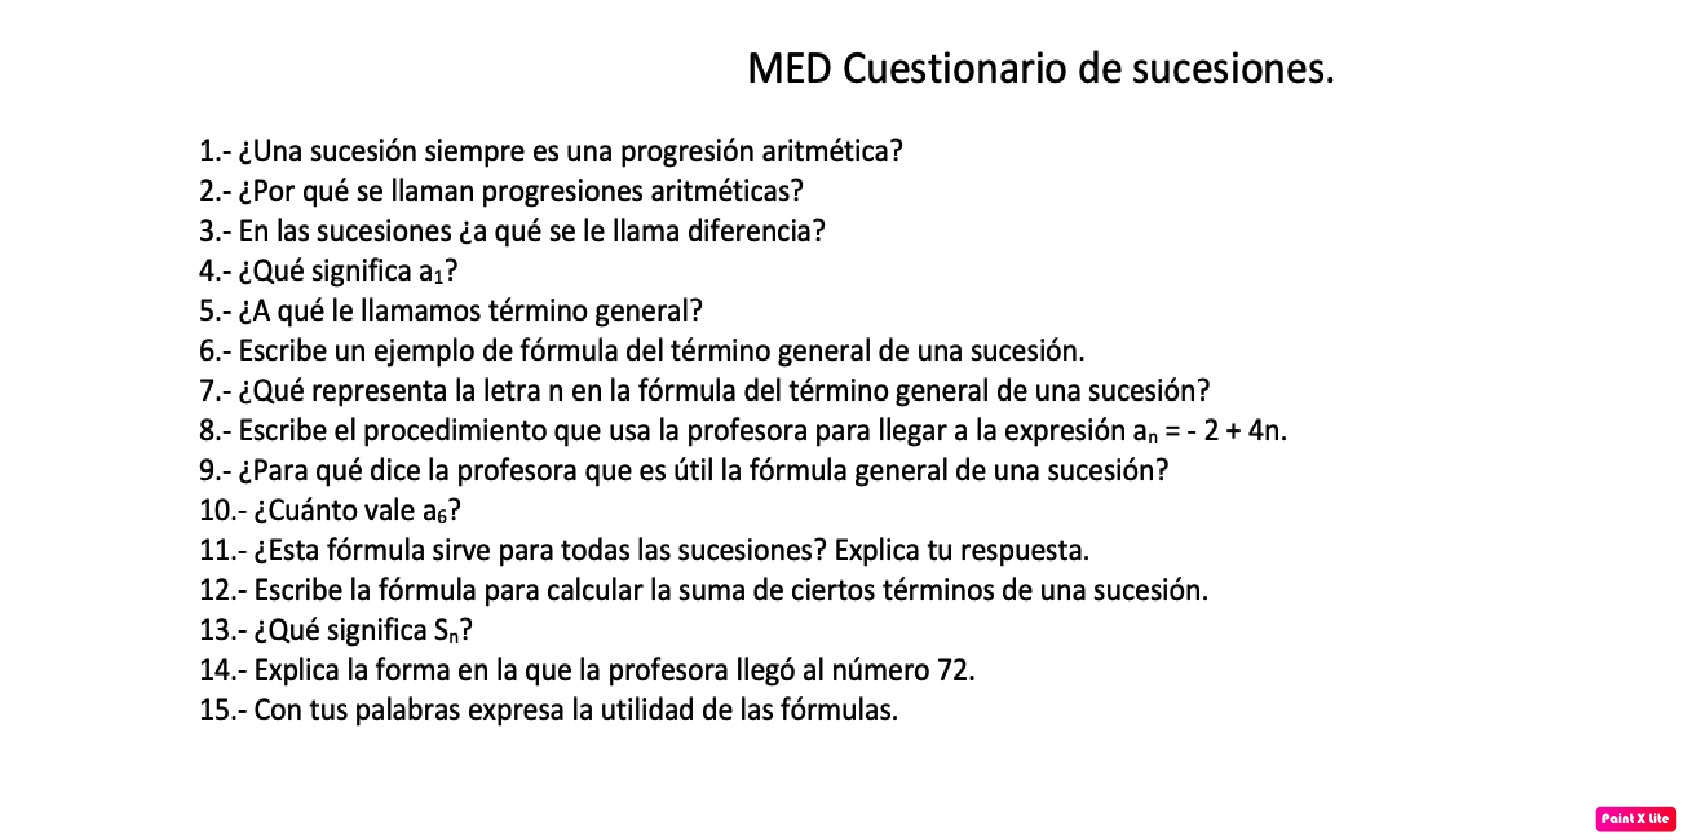 Cuestionario+de+sucesiones.jpg